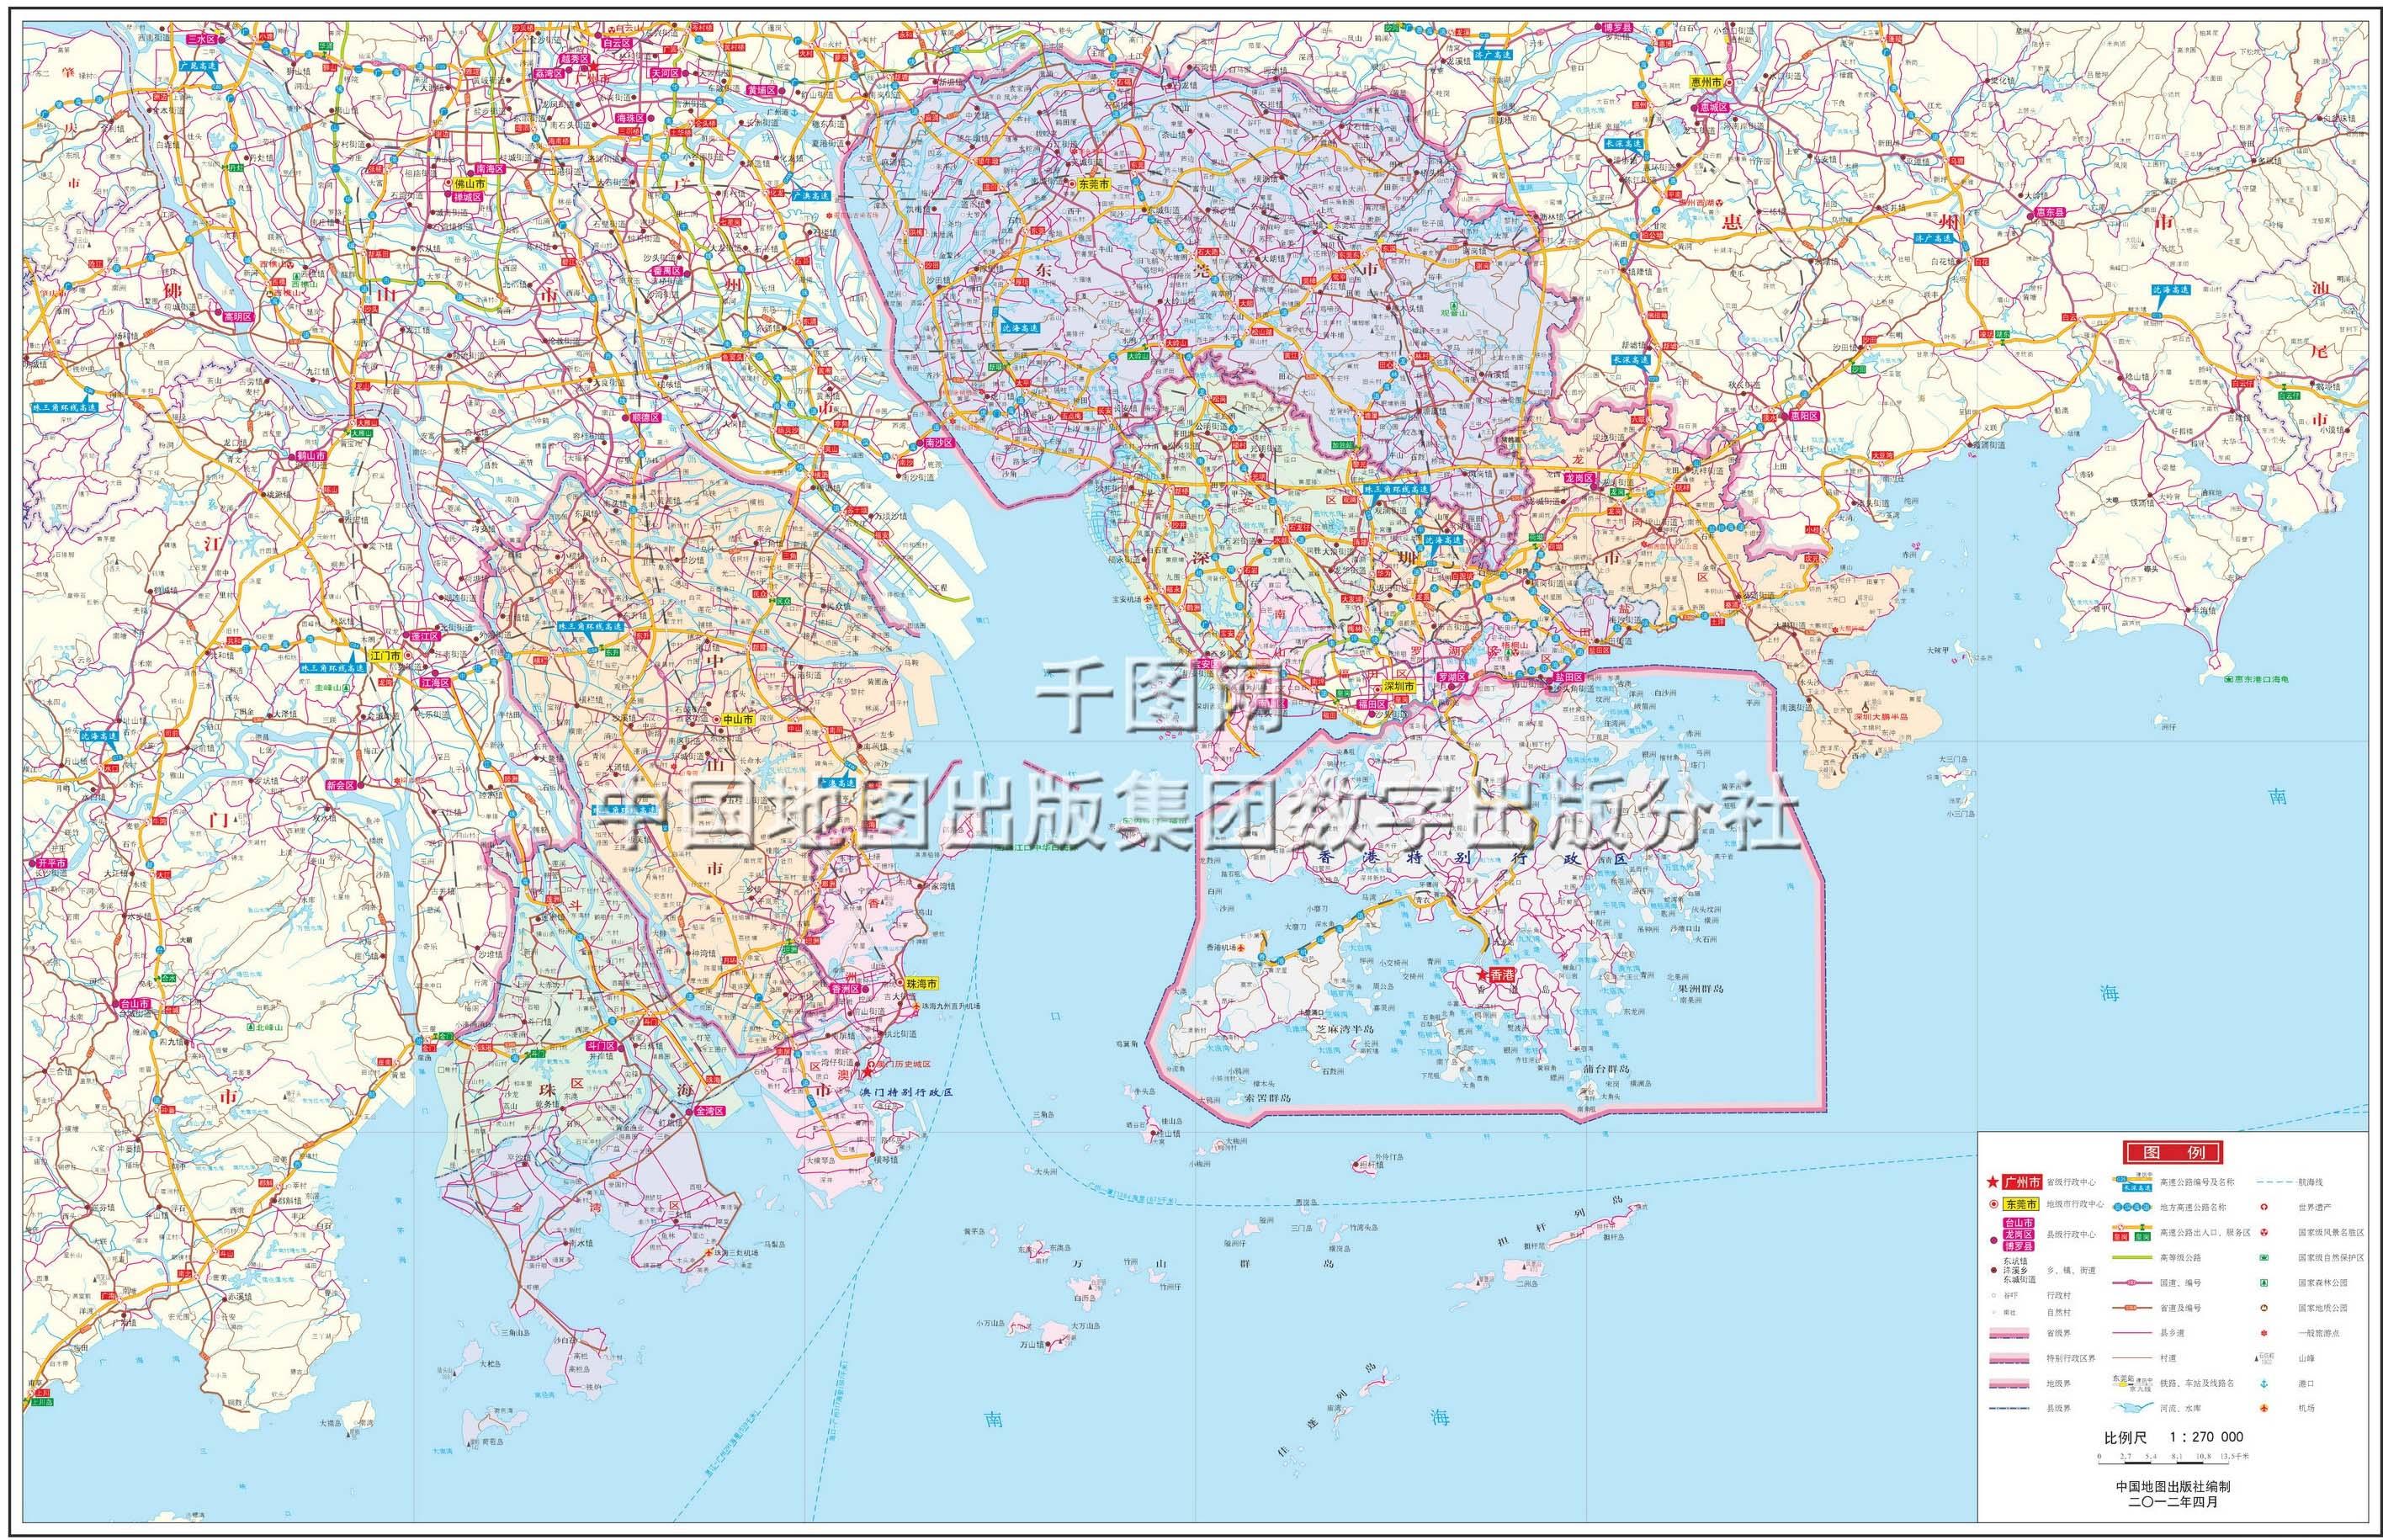 中山市地图高清版